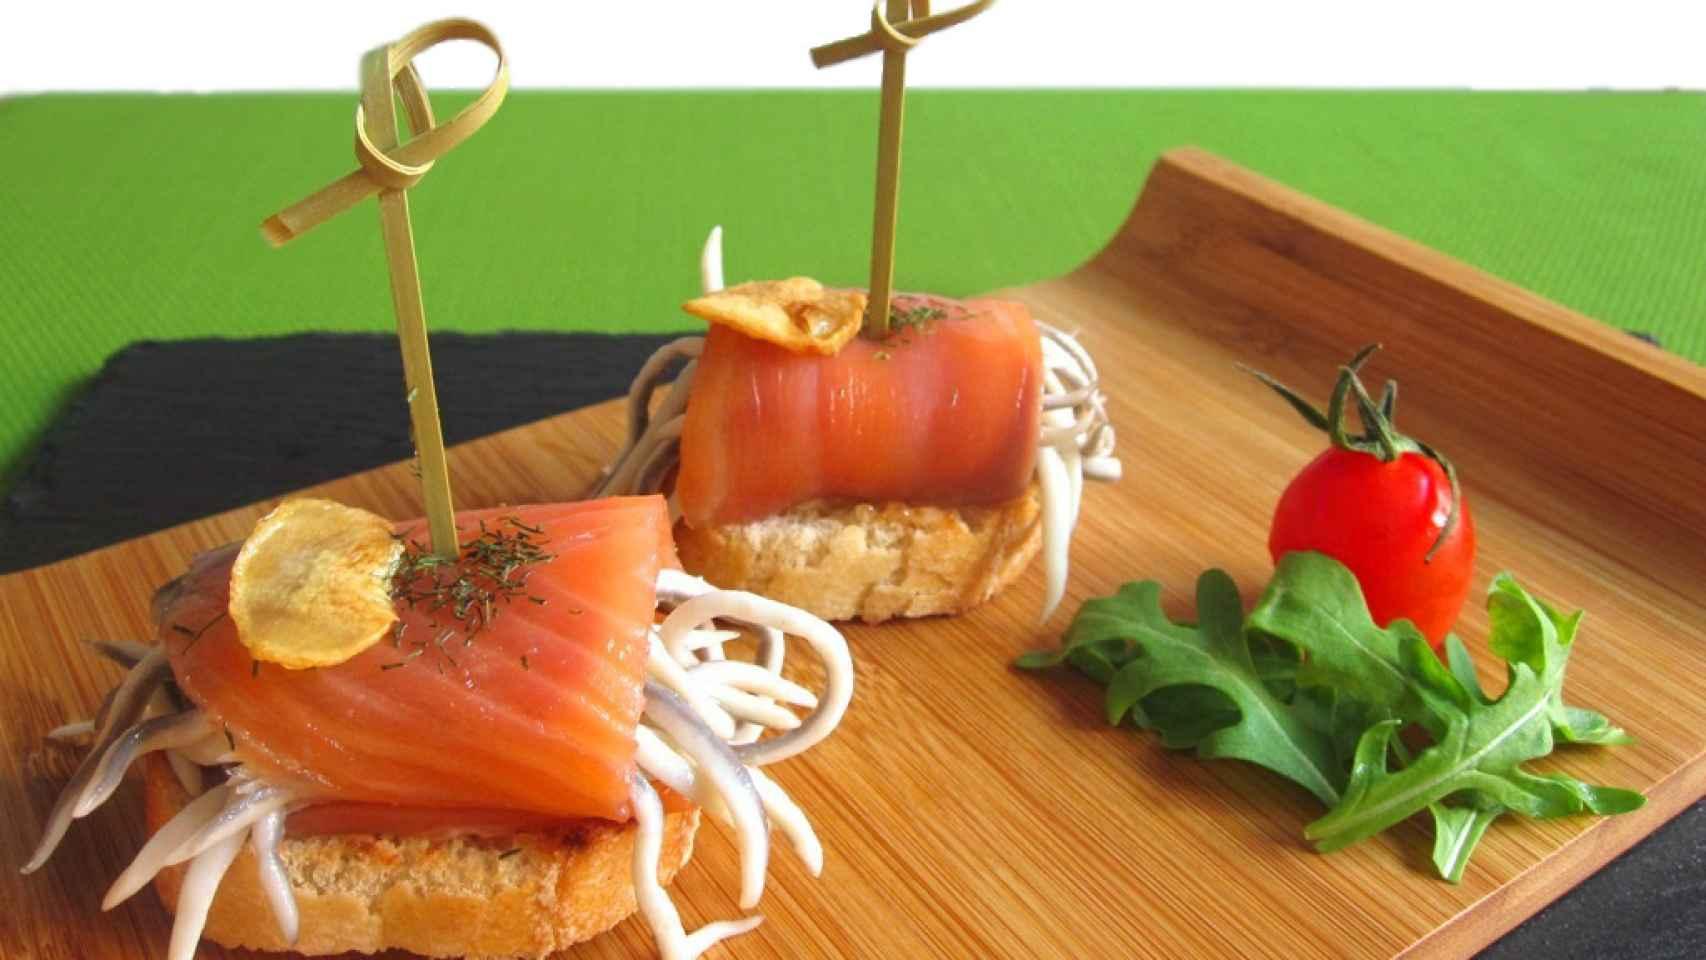 Rollito de salmón ahumado con beicon y gulas